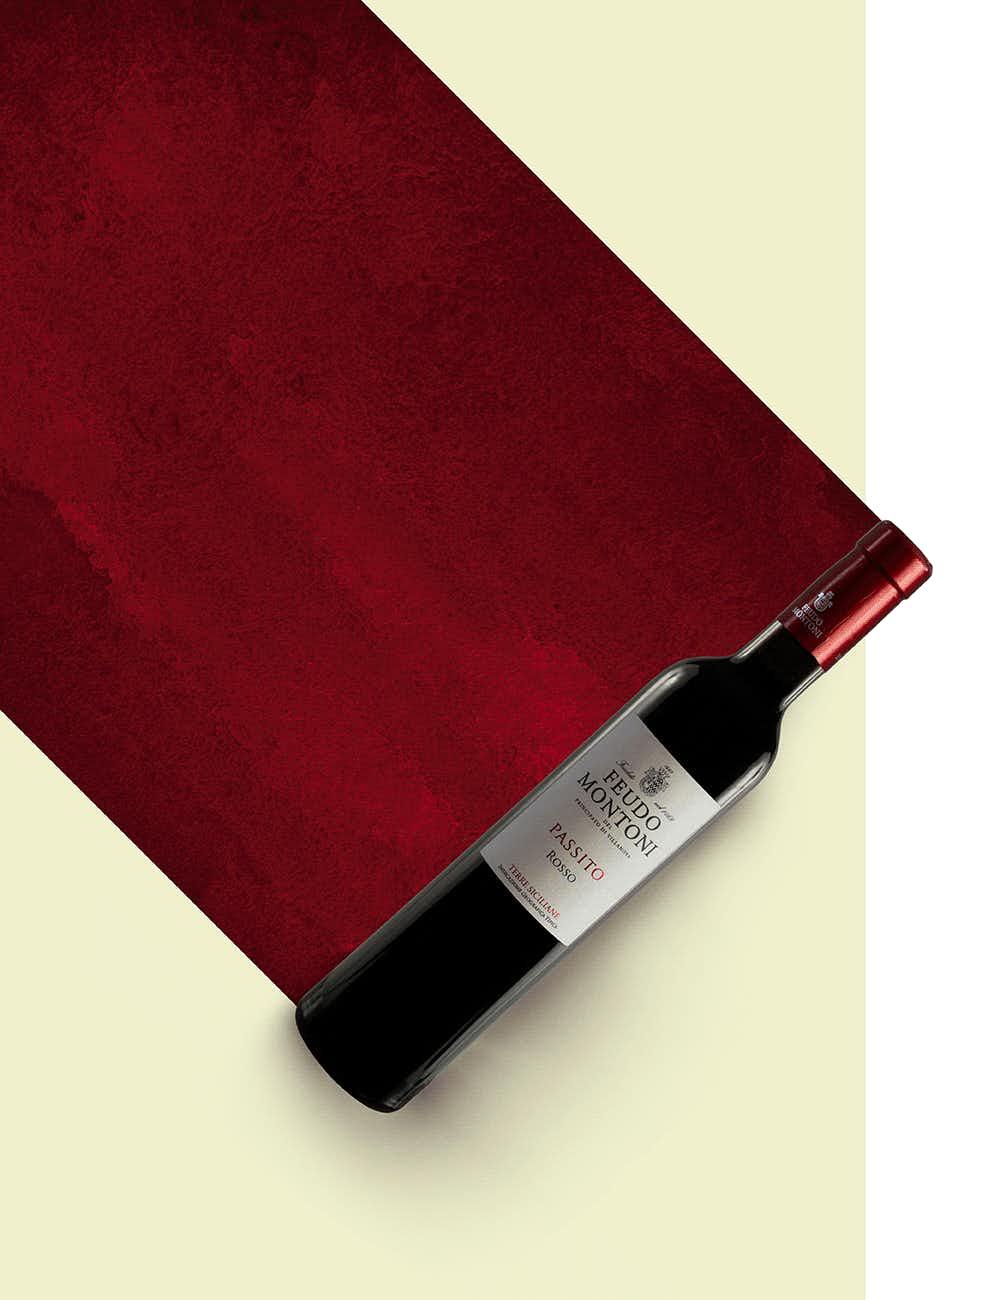 Feudo Montoni Passito Rosso NV (Half)